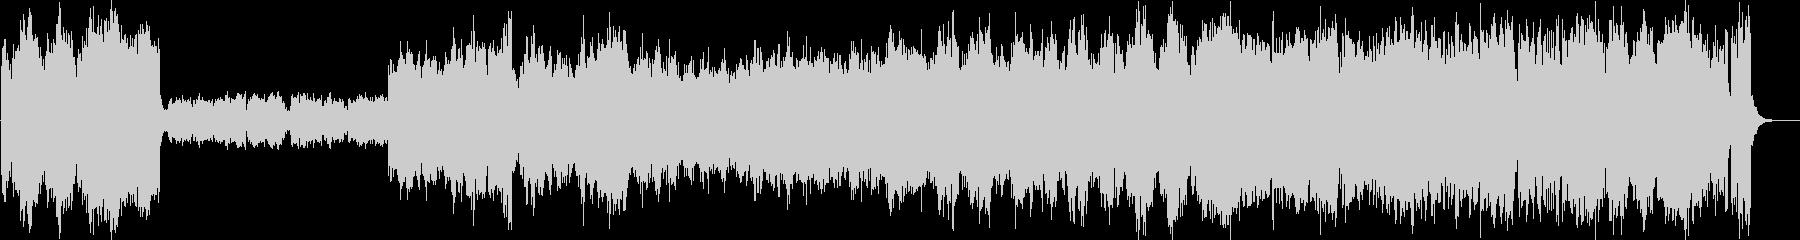 WINDMUSIC鳴り響く吹奏楽の世界の未再生の波形